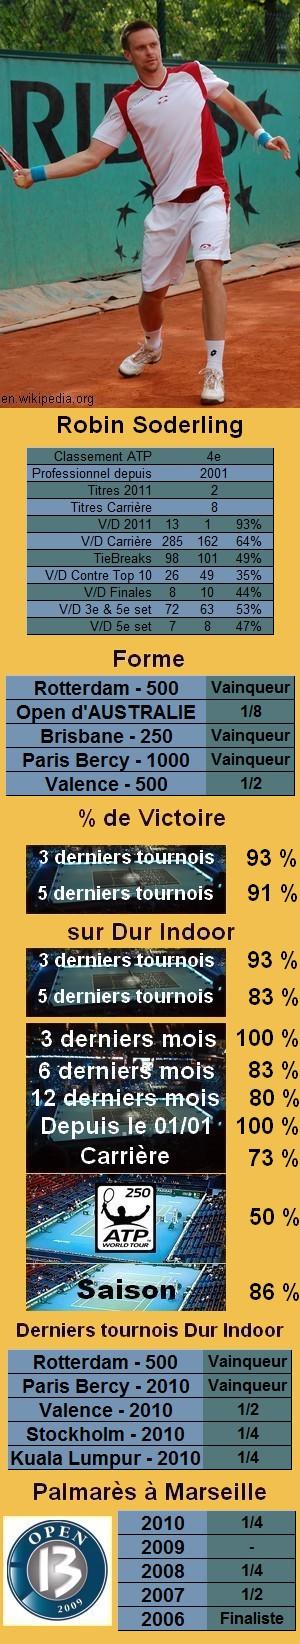 Statistiques tennis Robin Soderling